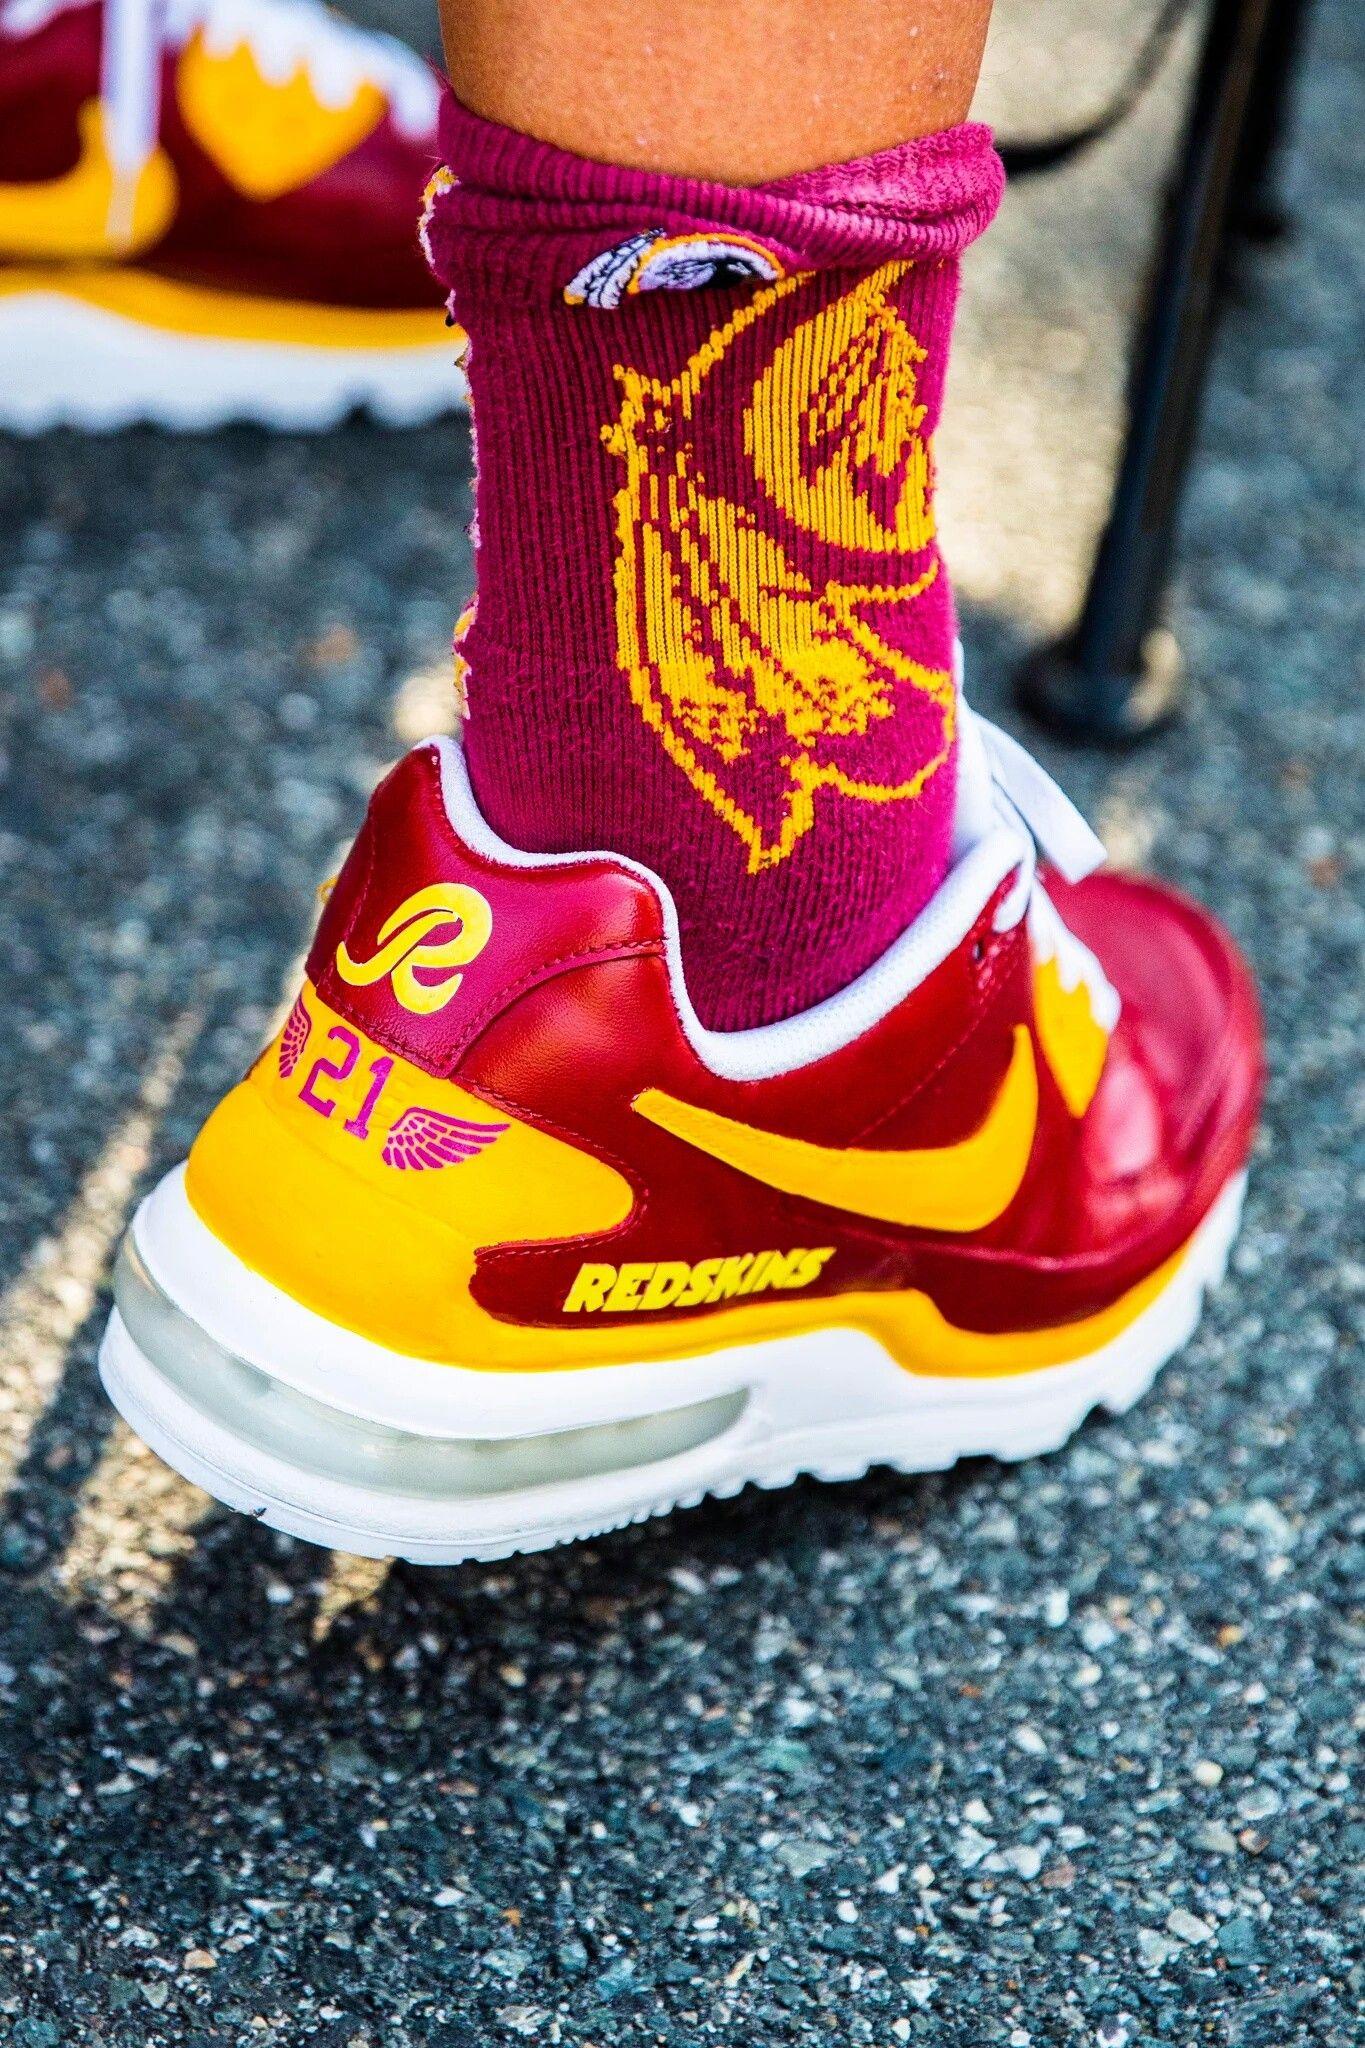 Washington redskins image by Richard Tauteoli Nike shoes